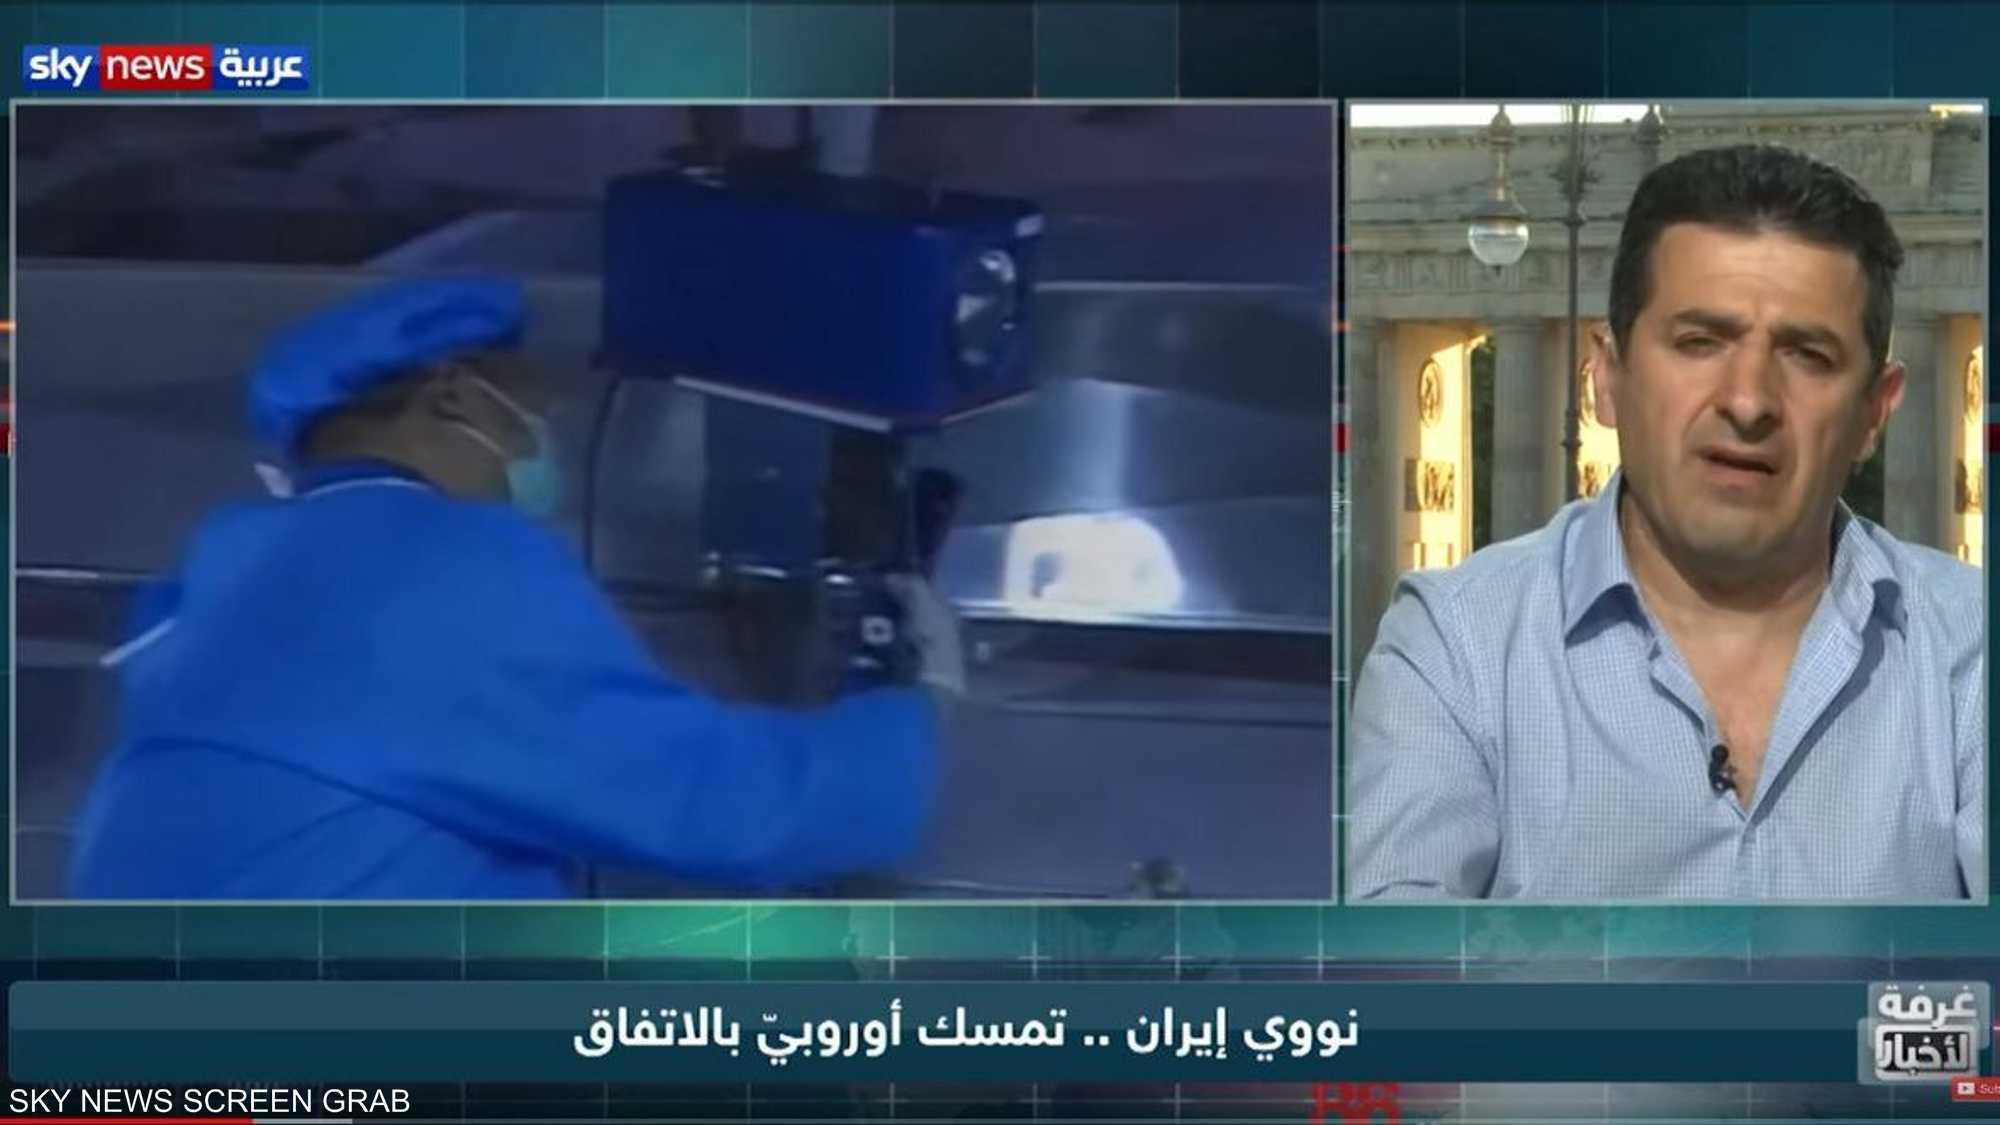 نووي إيران.. تمسك أوروبي بالاتفاق